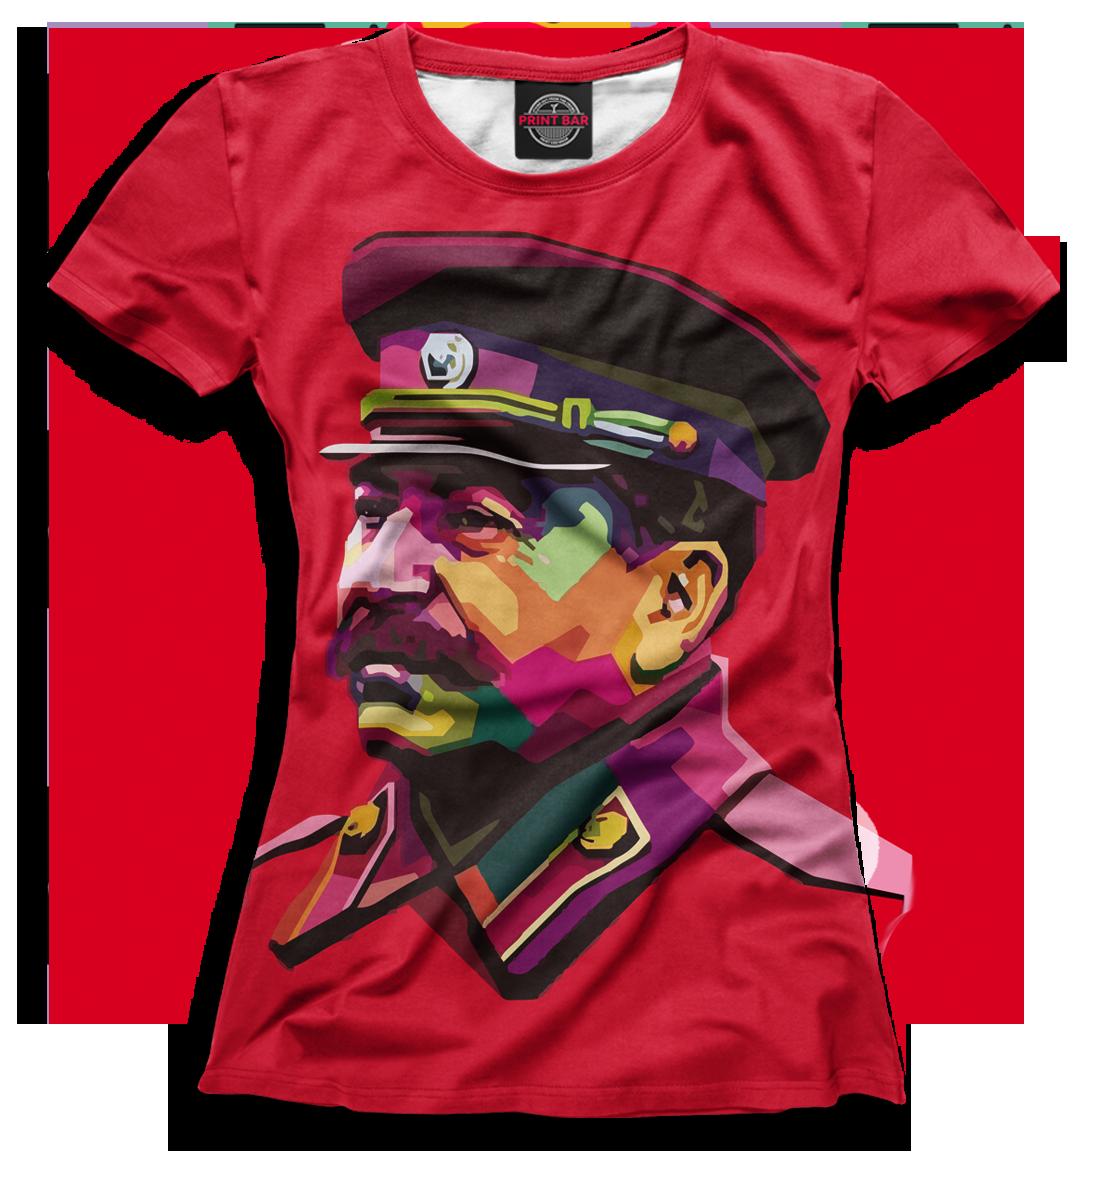 Футболки Со Сталиным Купить В Интернет Магазине